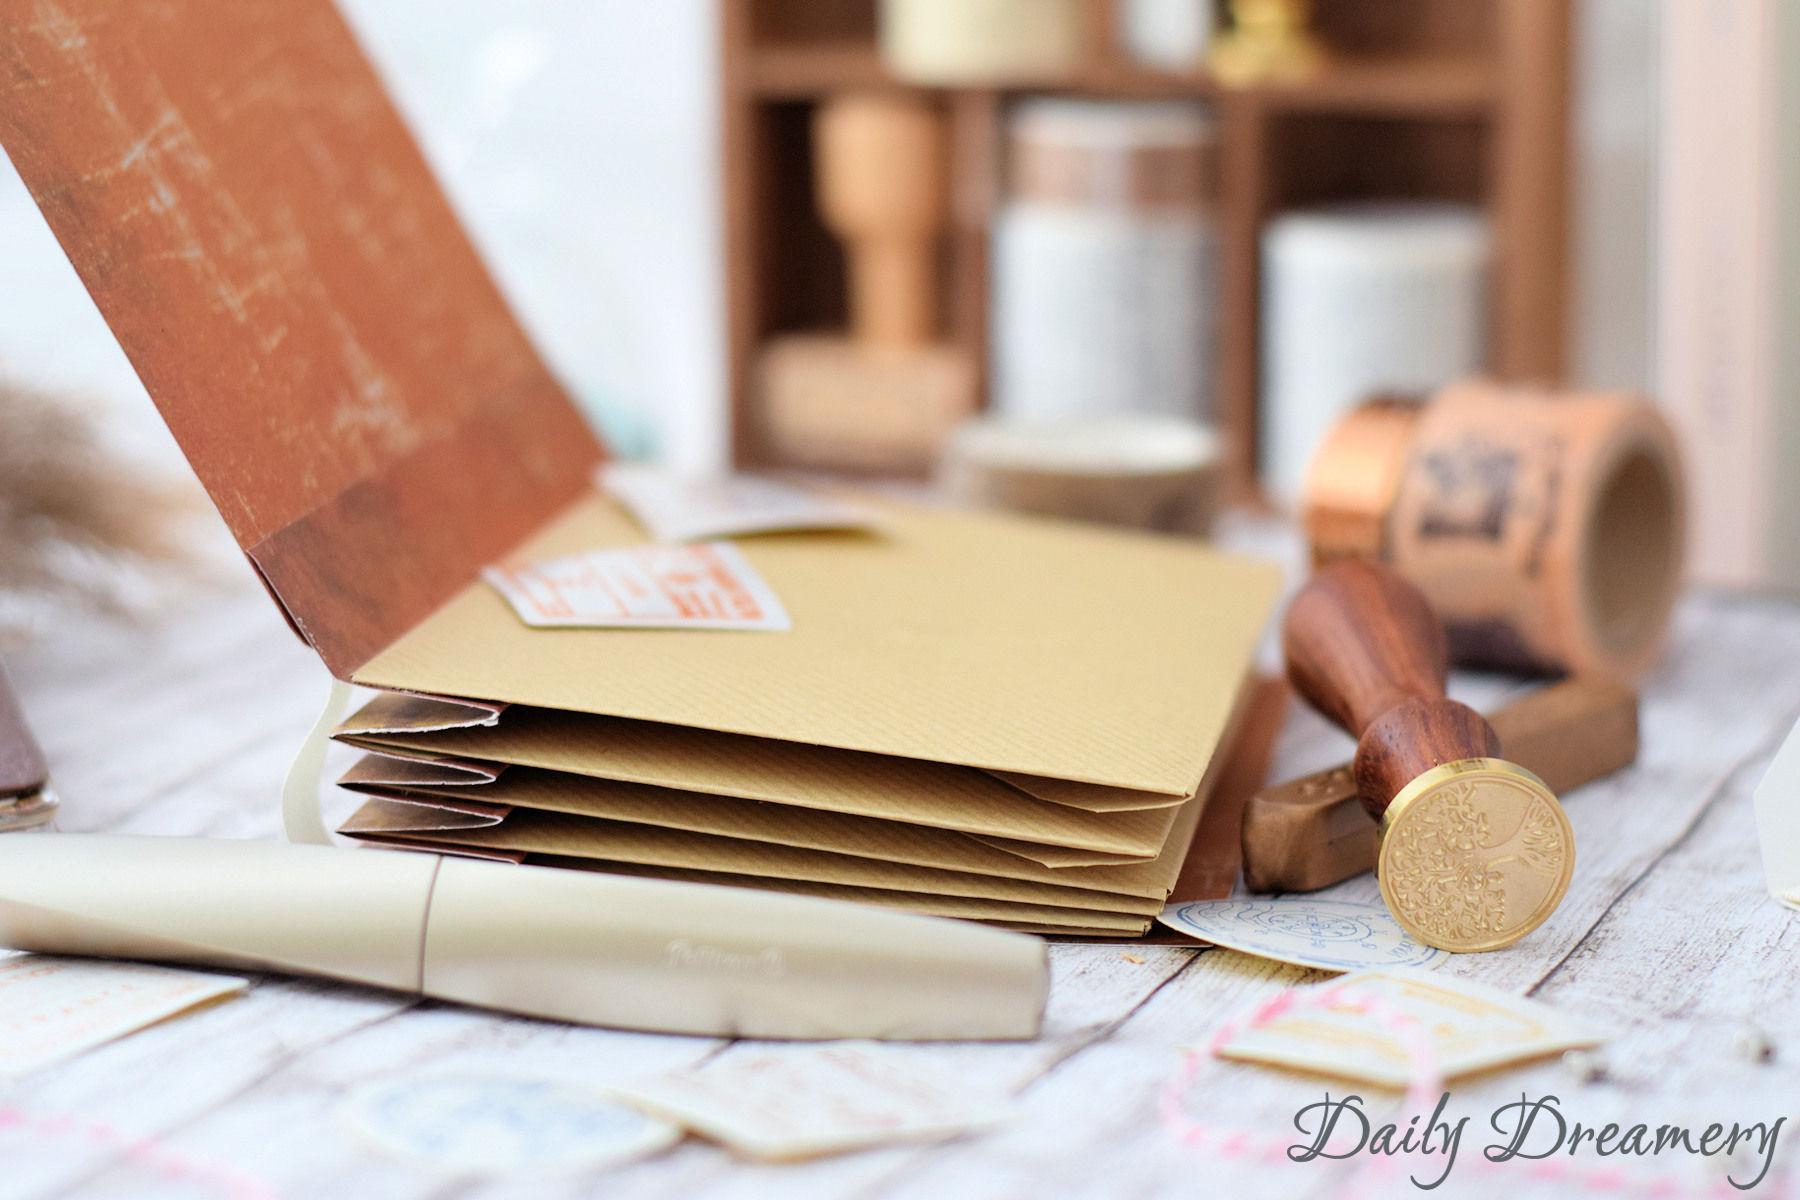 DIY Anleitung für eine Scrapbooking Idee: Ein Erinnerungsbuch aus Briefumschlägen. Ein kleines Sammelalbum für Souvenirs oder Bilder und eine tolle Geschenkidee.